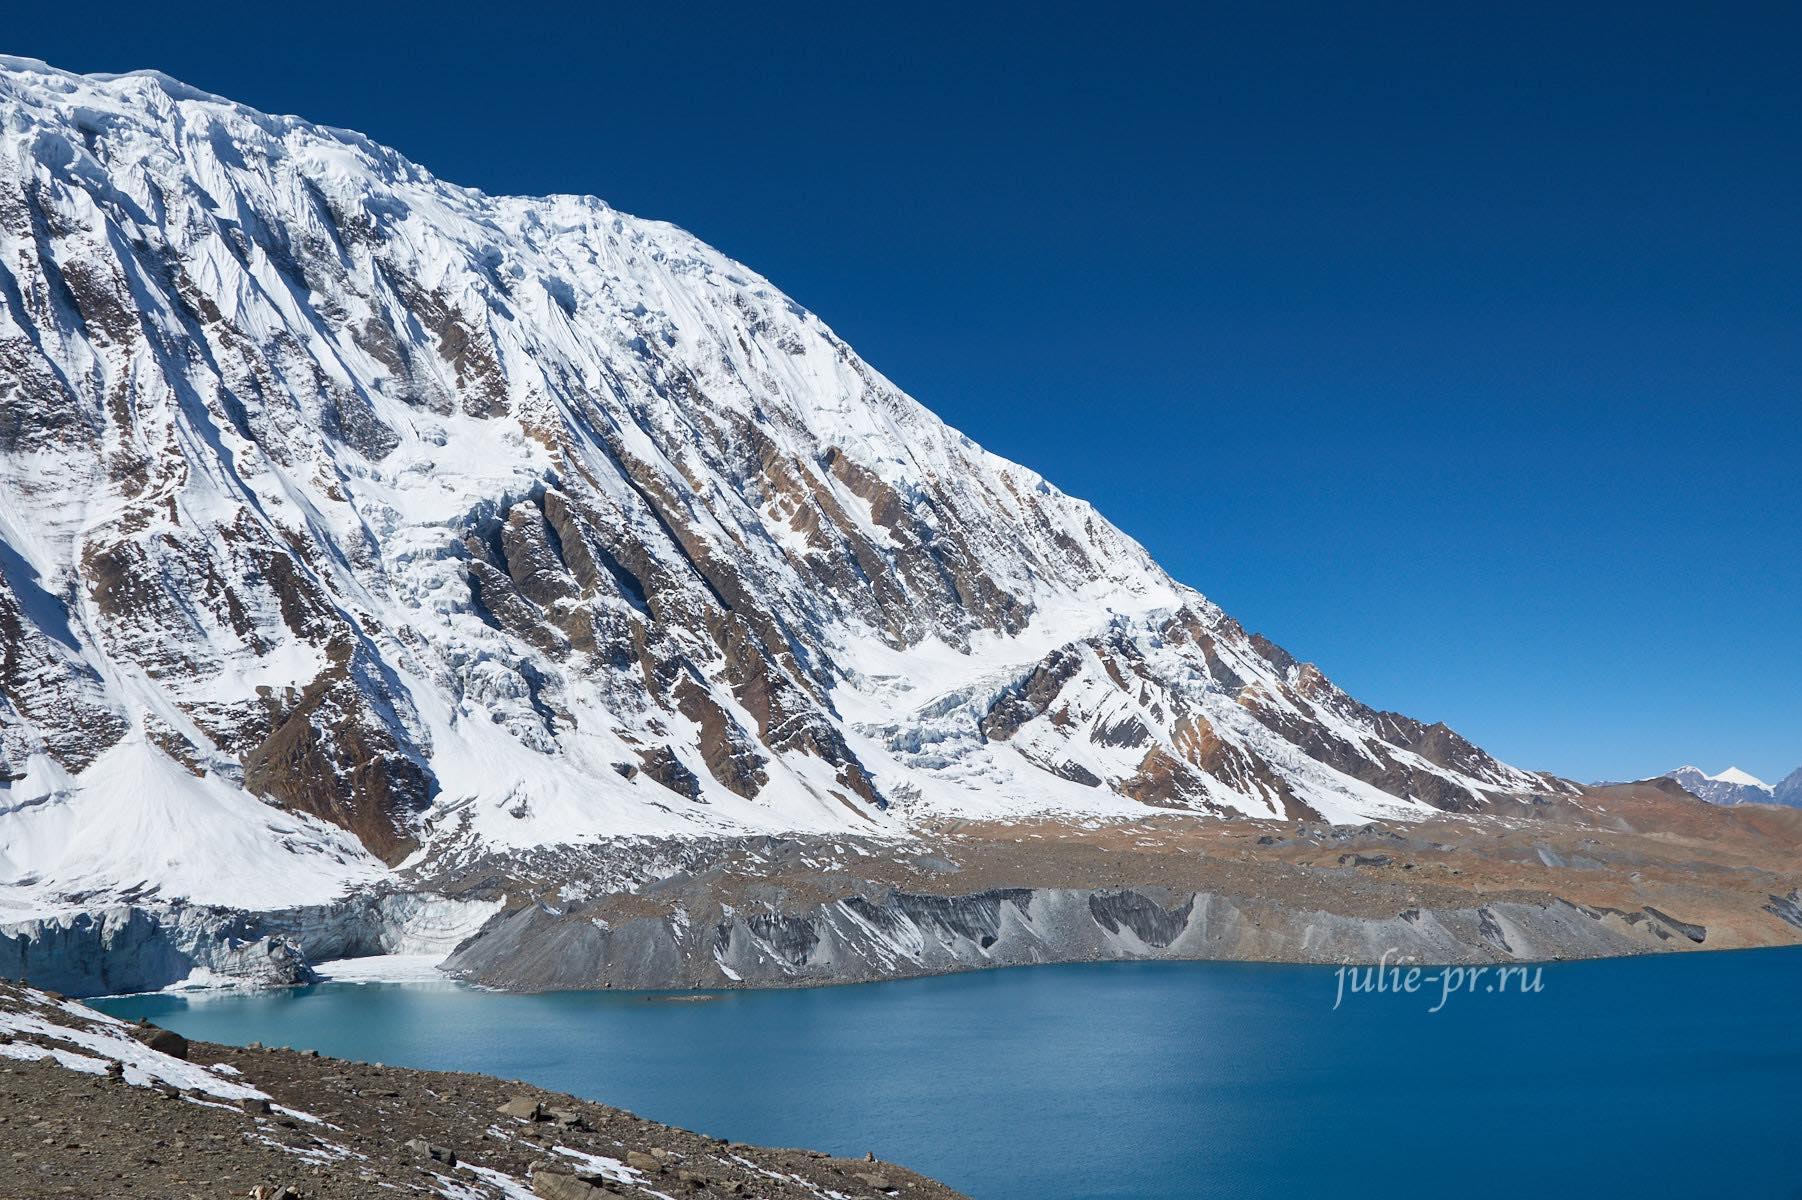 Непал, Трек вокруг Аннапурны, Тиличо